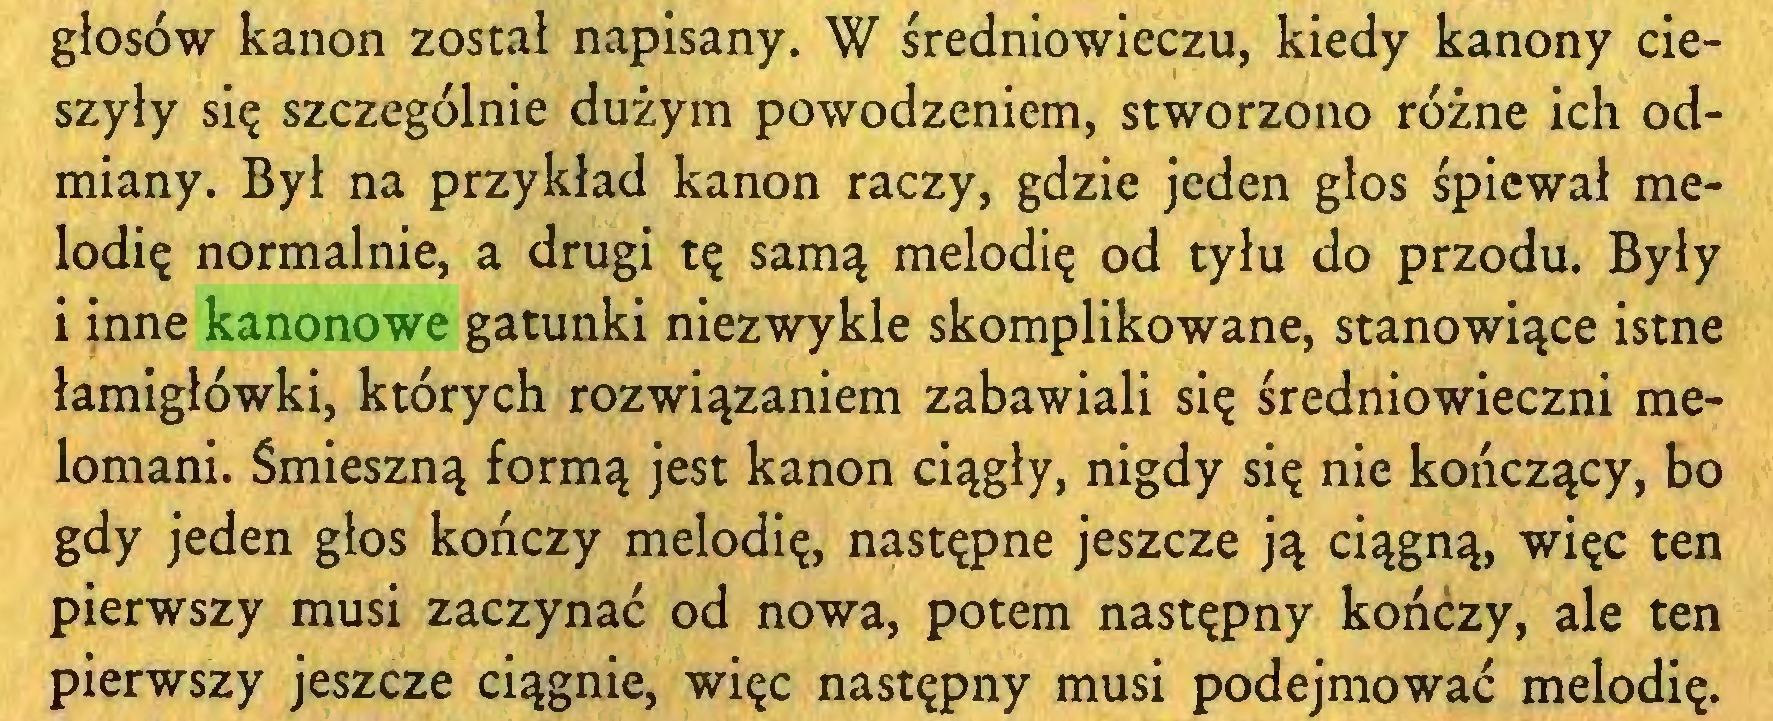 (...) głosów kanon został napisany. W średniowieczu, kiedy kanony cieszyły się szczególnie dużym powodzeniem, stworzono różne ich odmiany. Był na przykład kanon raczy, gdzie jeden glos śpiewał melodię normalnie, a drugi tę samą melodię od tyłu do przodu. Były i inne kanonowe gatunki niezwykle skomplikowane, stanowiące istne łamigłówki, których rozwiązaniem zabawiali się średniowieczni melomani. Śmieszną formą jest kanon ciągły, nigdy się nie kończący, bo gdy jeden głos kończy melodię, następne jeszcze ją ciągną, więc ten pierwszy musi zaczynać od nowa, potem następny kończy, ale ten pierwszy jeszcze ciągnie, więc następny musi podejmować melodię...